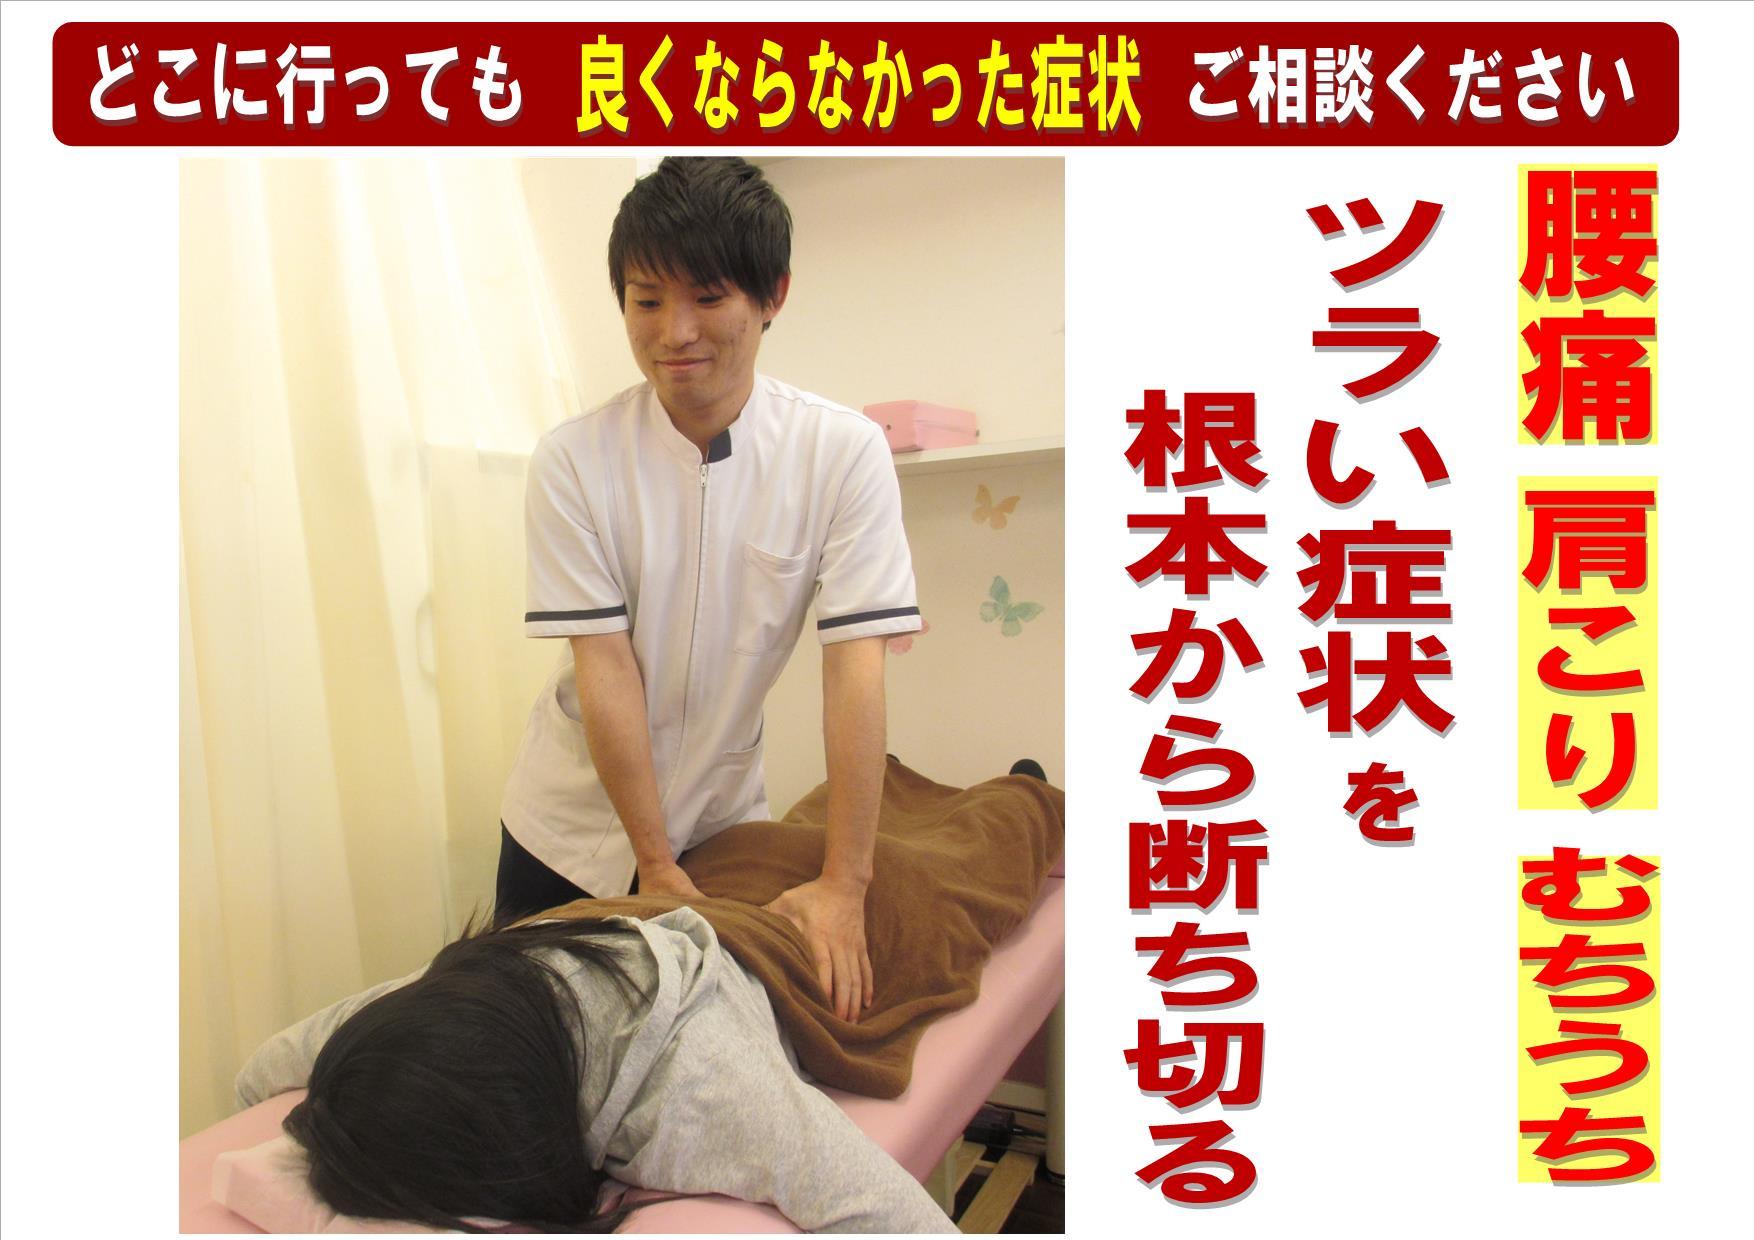 京都でも数少ない夜間22時まで受付|むちうちなどの交通事故治療、腰痛治療、肩こり治療専門の整体、出産後の骨盤矯正、骨盤ケアはお任せください。